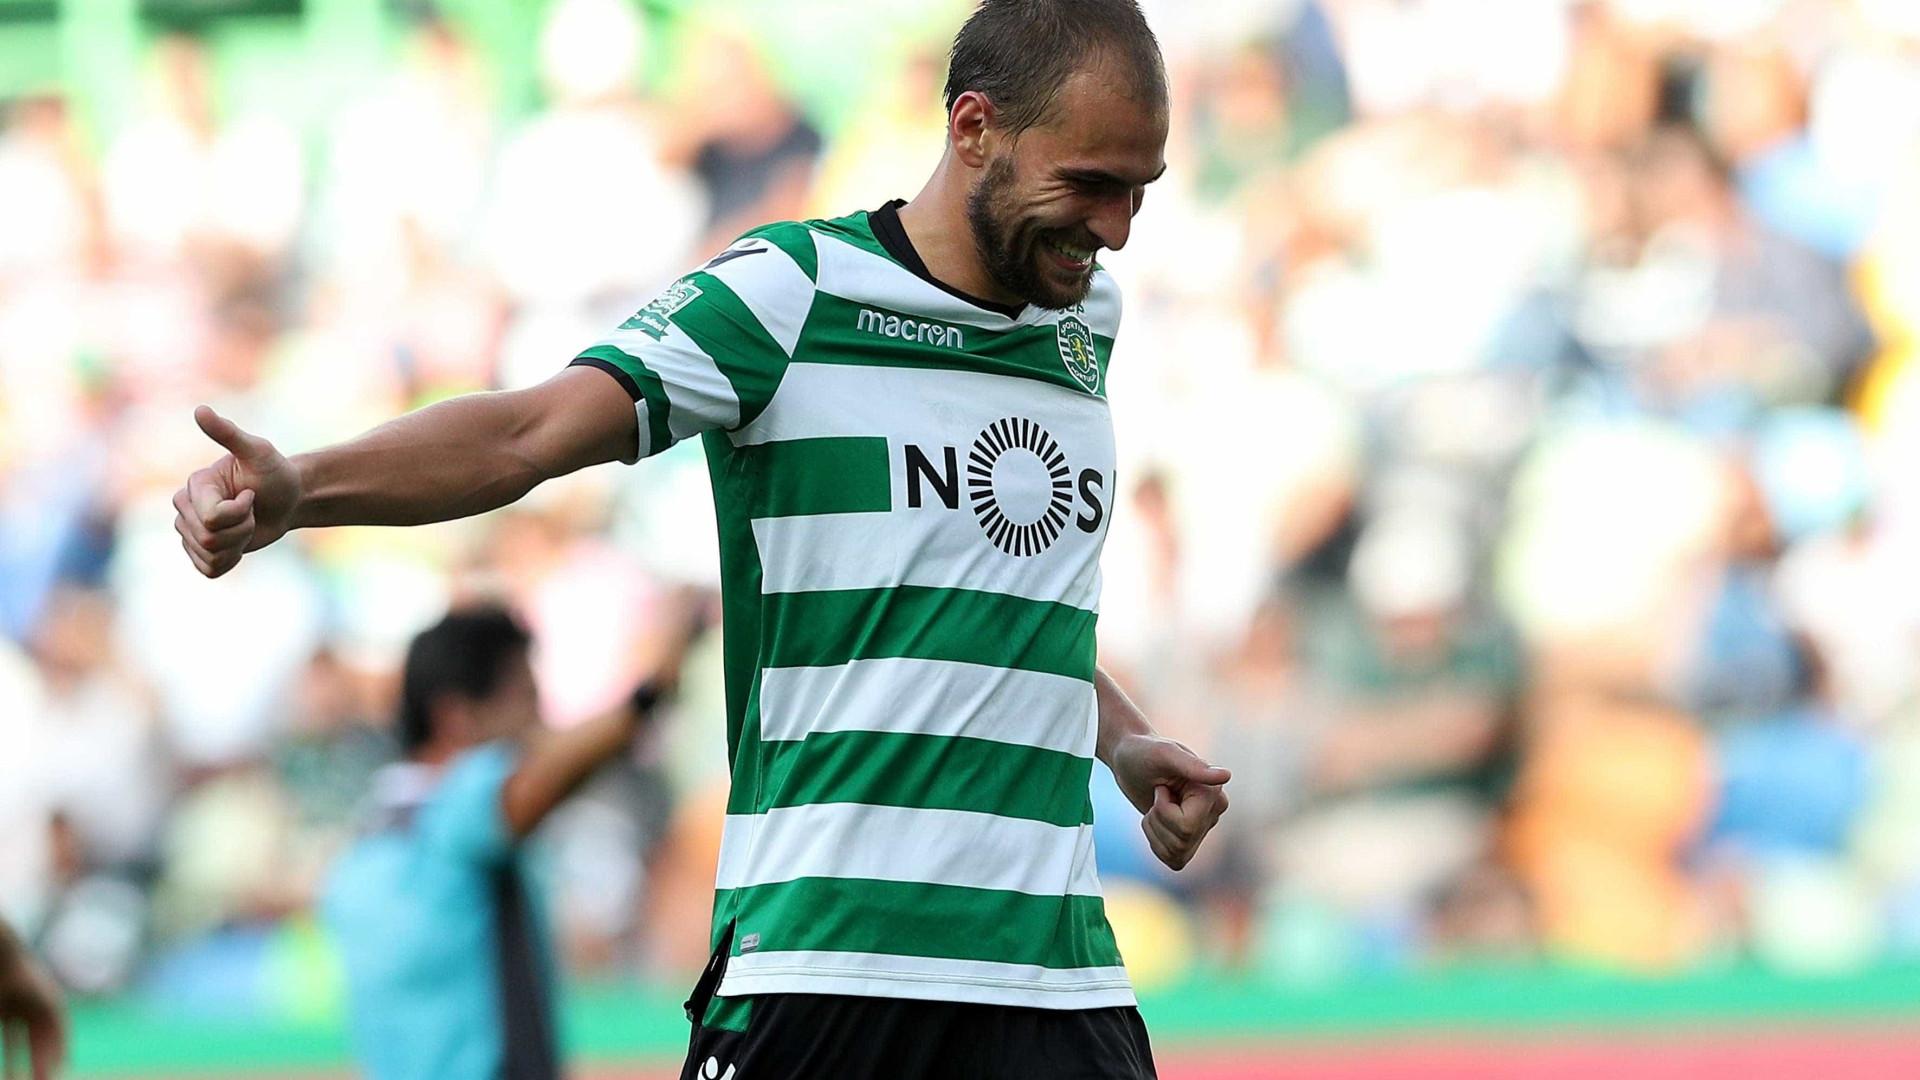 Elenco do Sporting diz não ter condição psicológica, mas jogará final